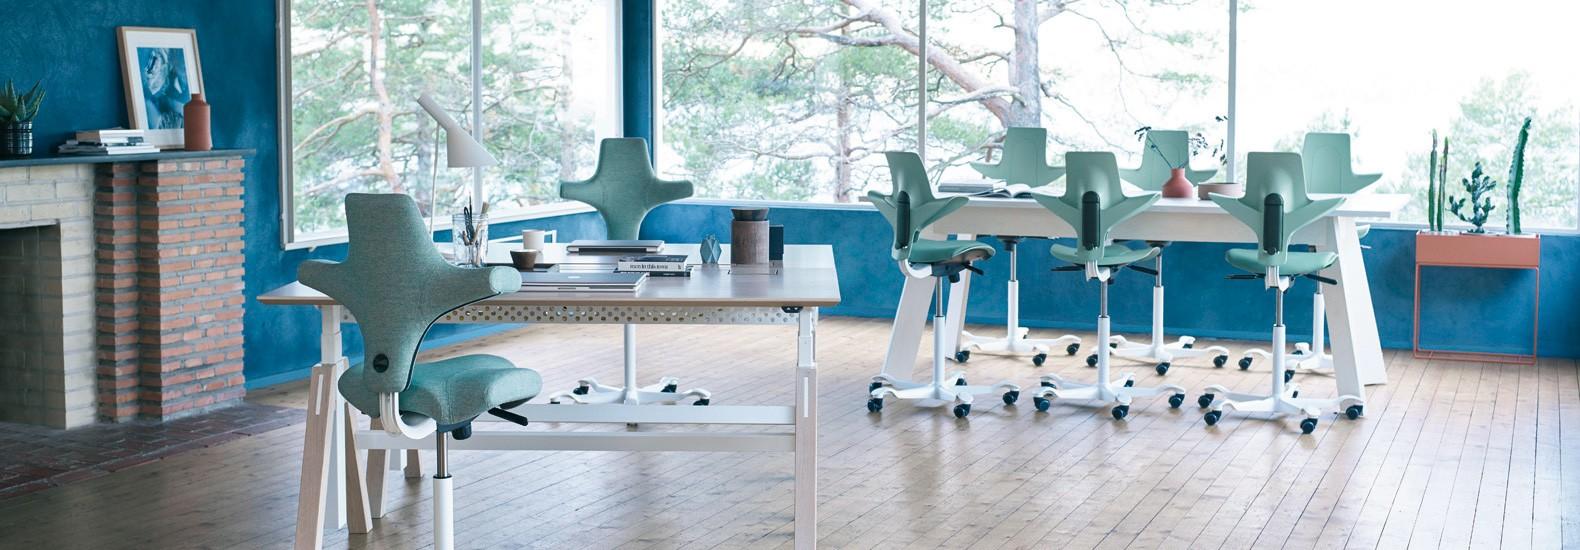 Konfigurieren Sie Capisco und Capisco Puls von HAG bei office & objekt 42 um Ihr Büro perfekt auf Sie anzupassen!